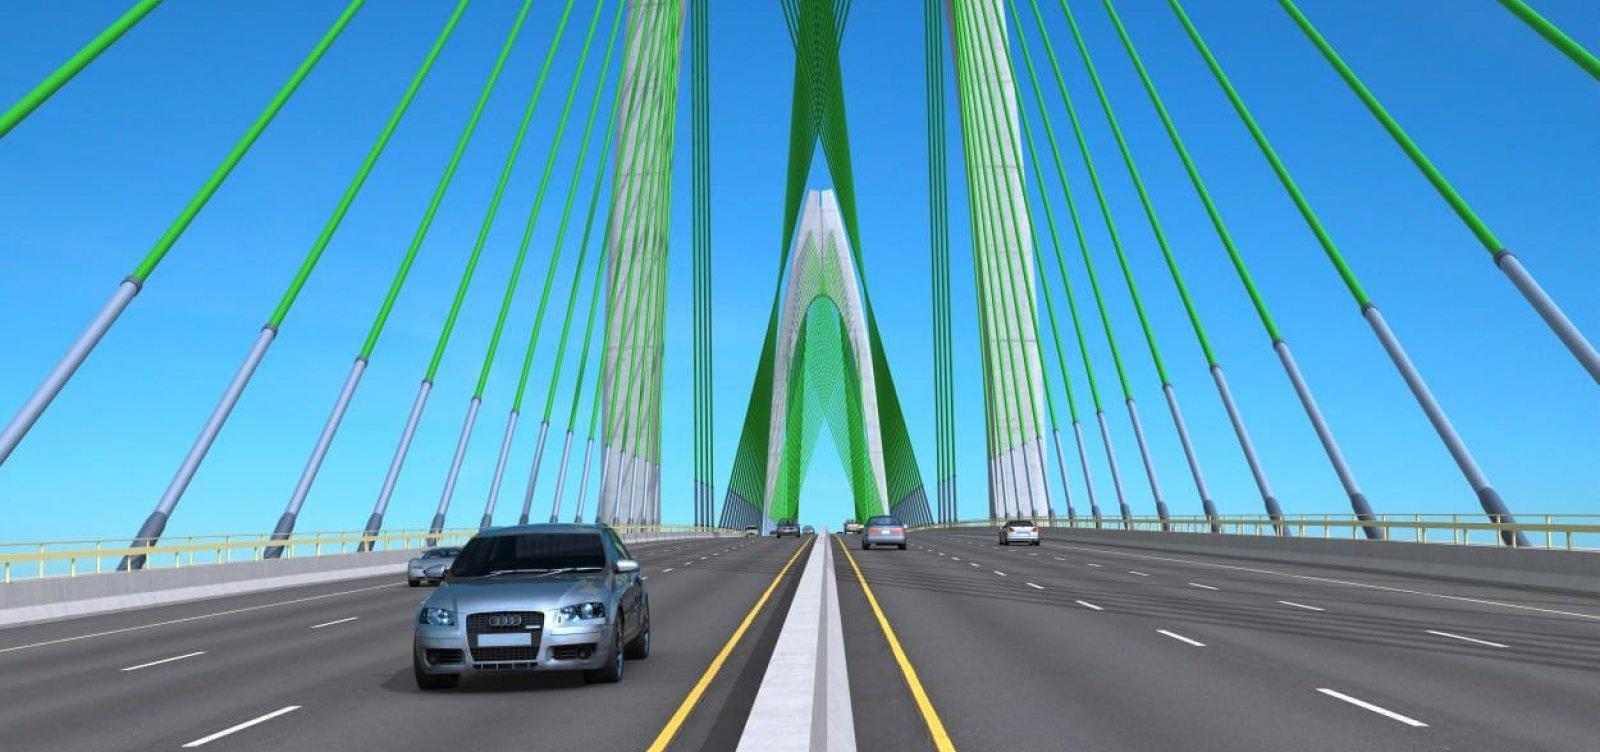 Ponte Salvador-Itaparica: contrato das obras será assinado nesta quinta-feira